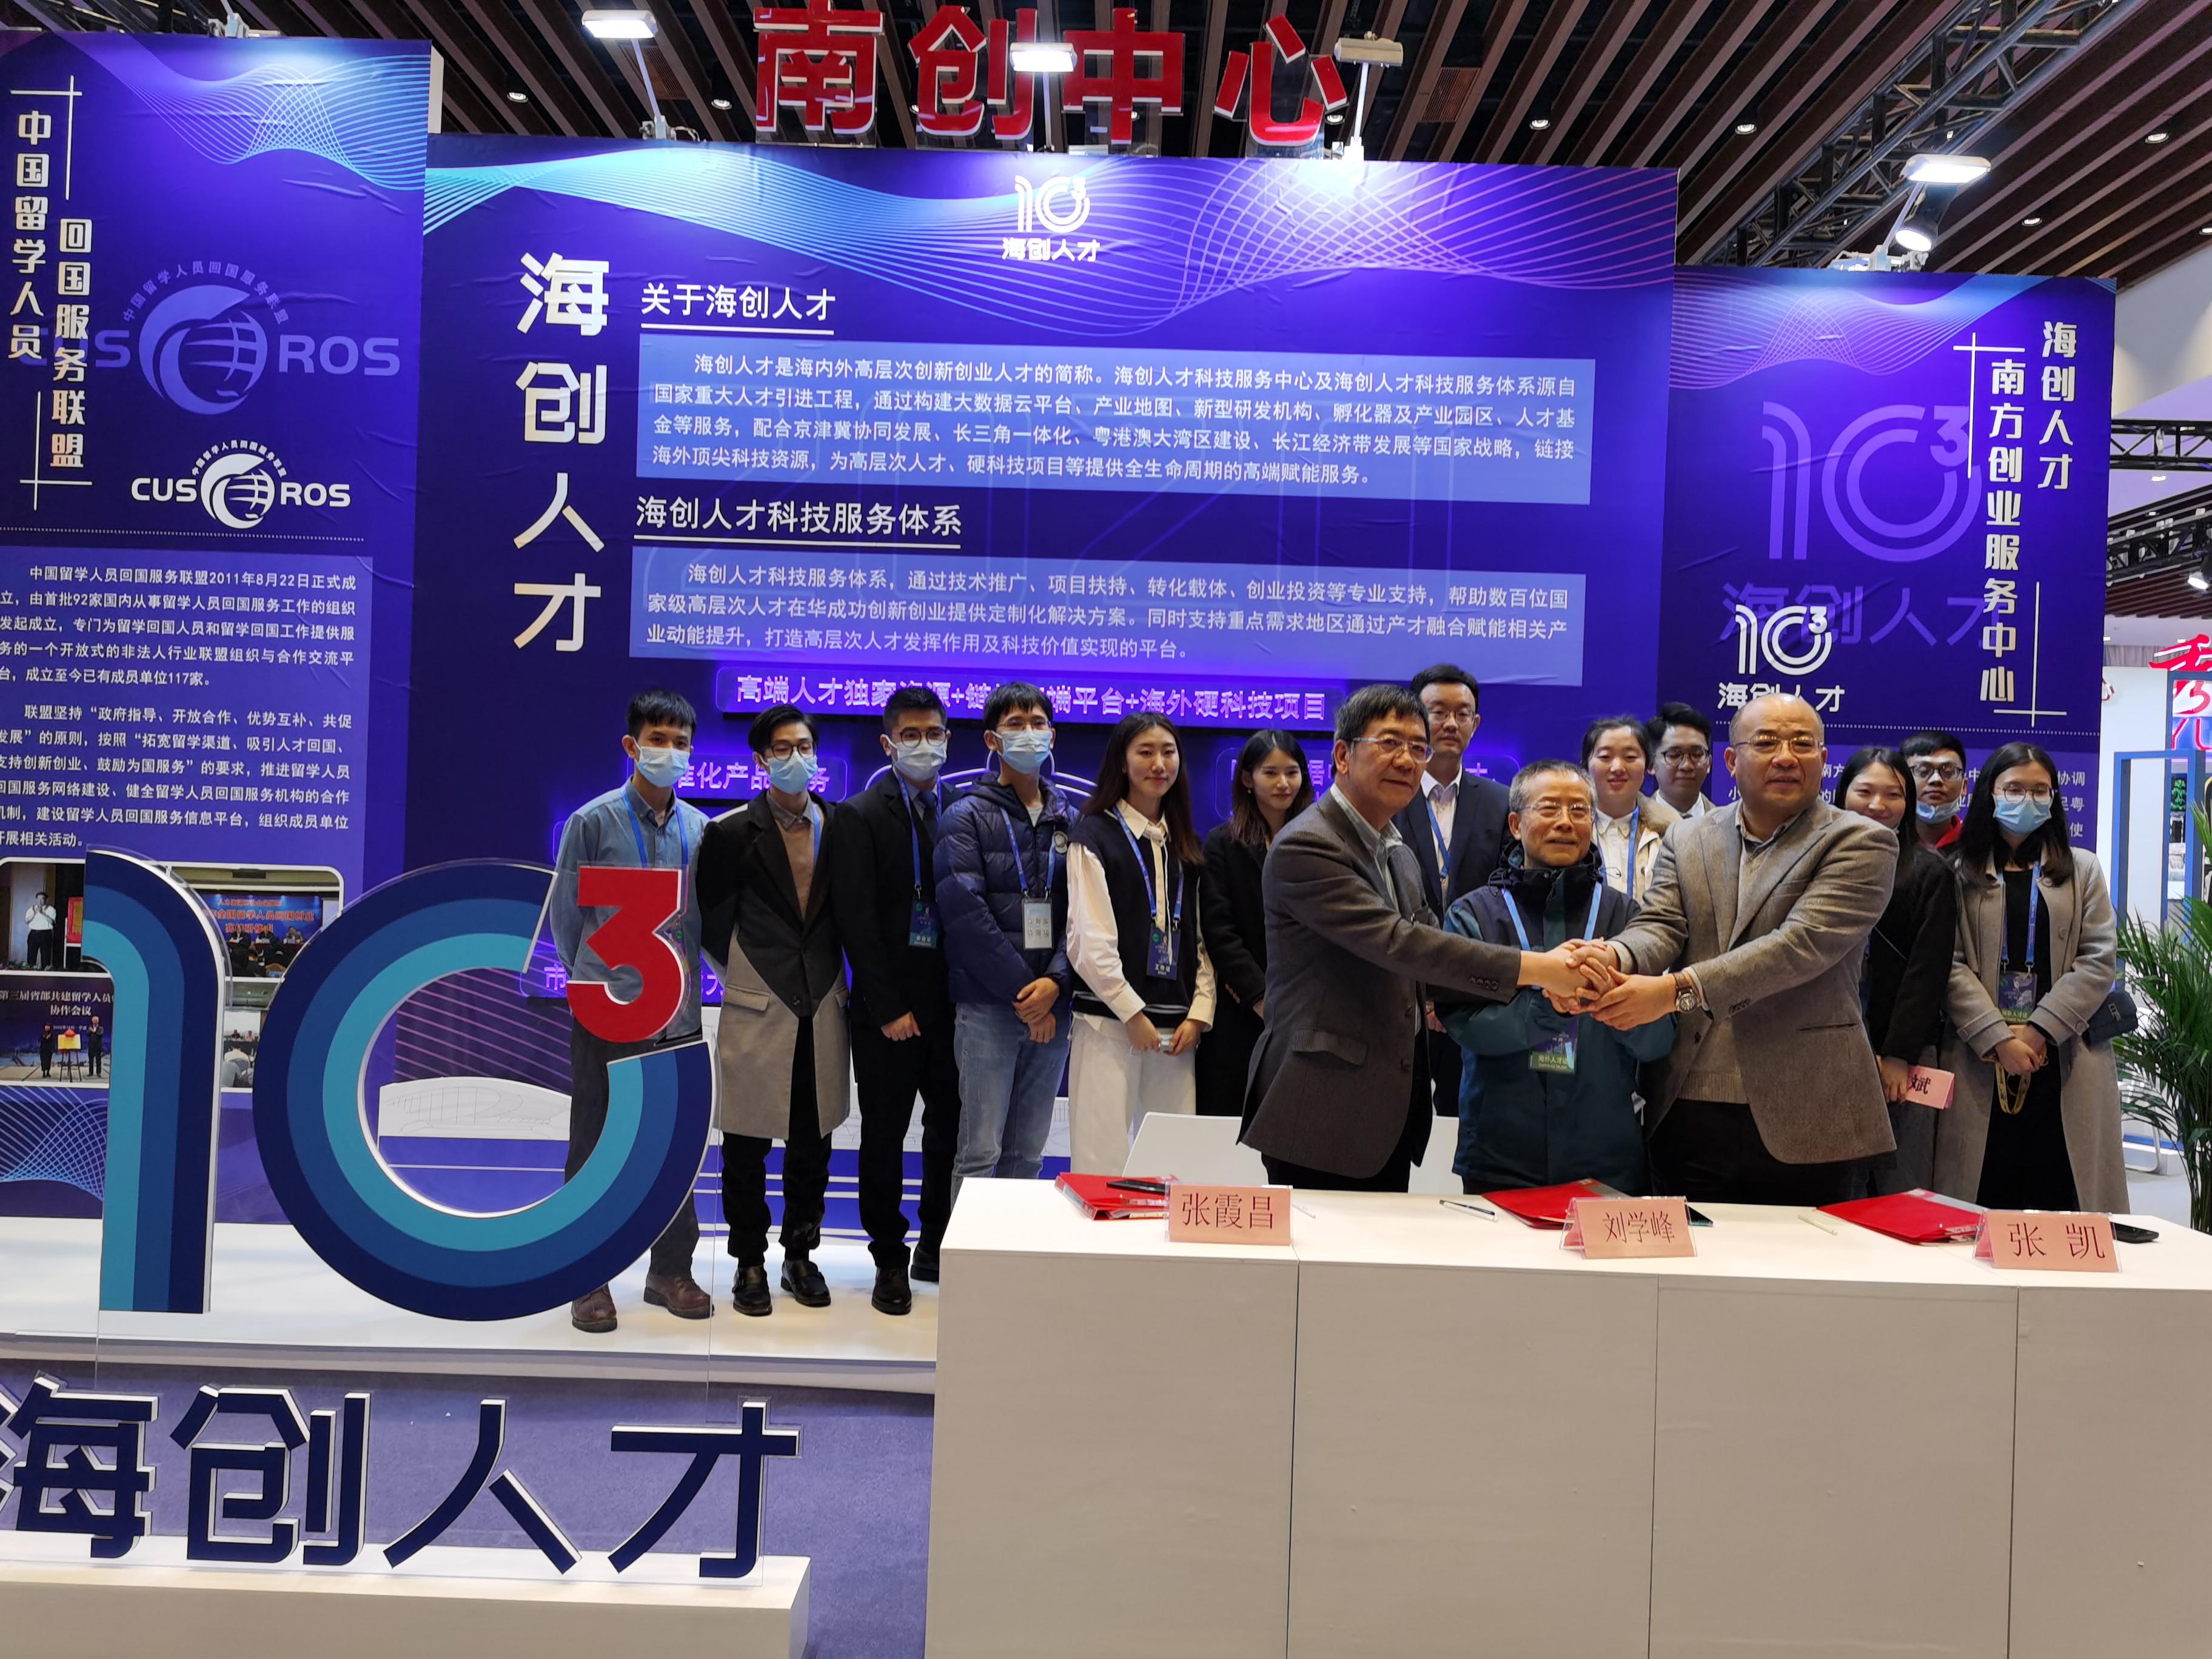 2020年12月18日广州海交会开幕,江苏恩福赛柔性电子有限公司受邀参加